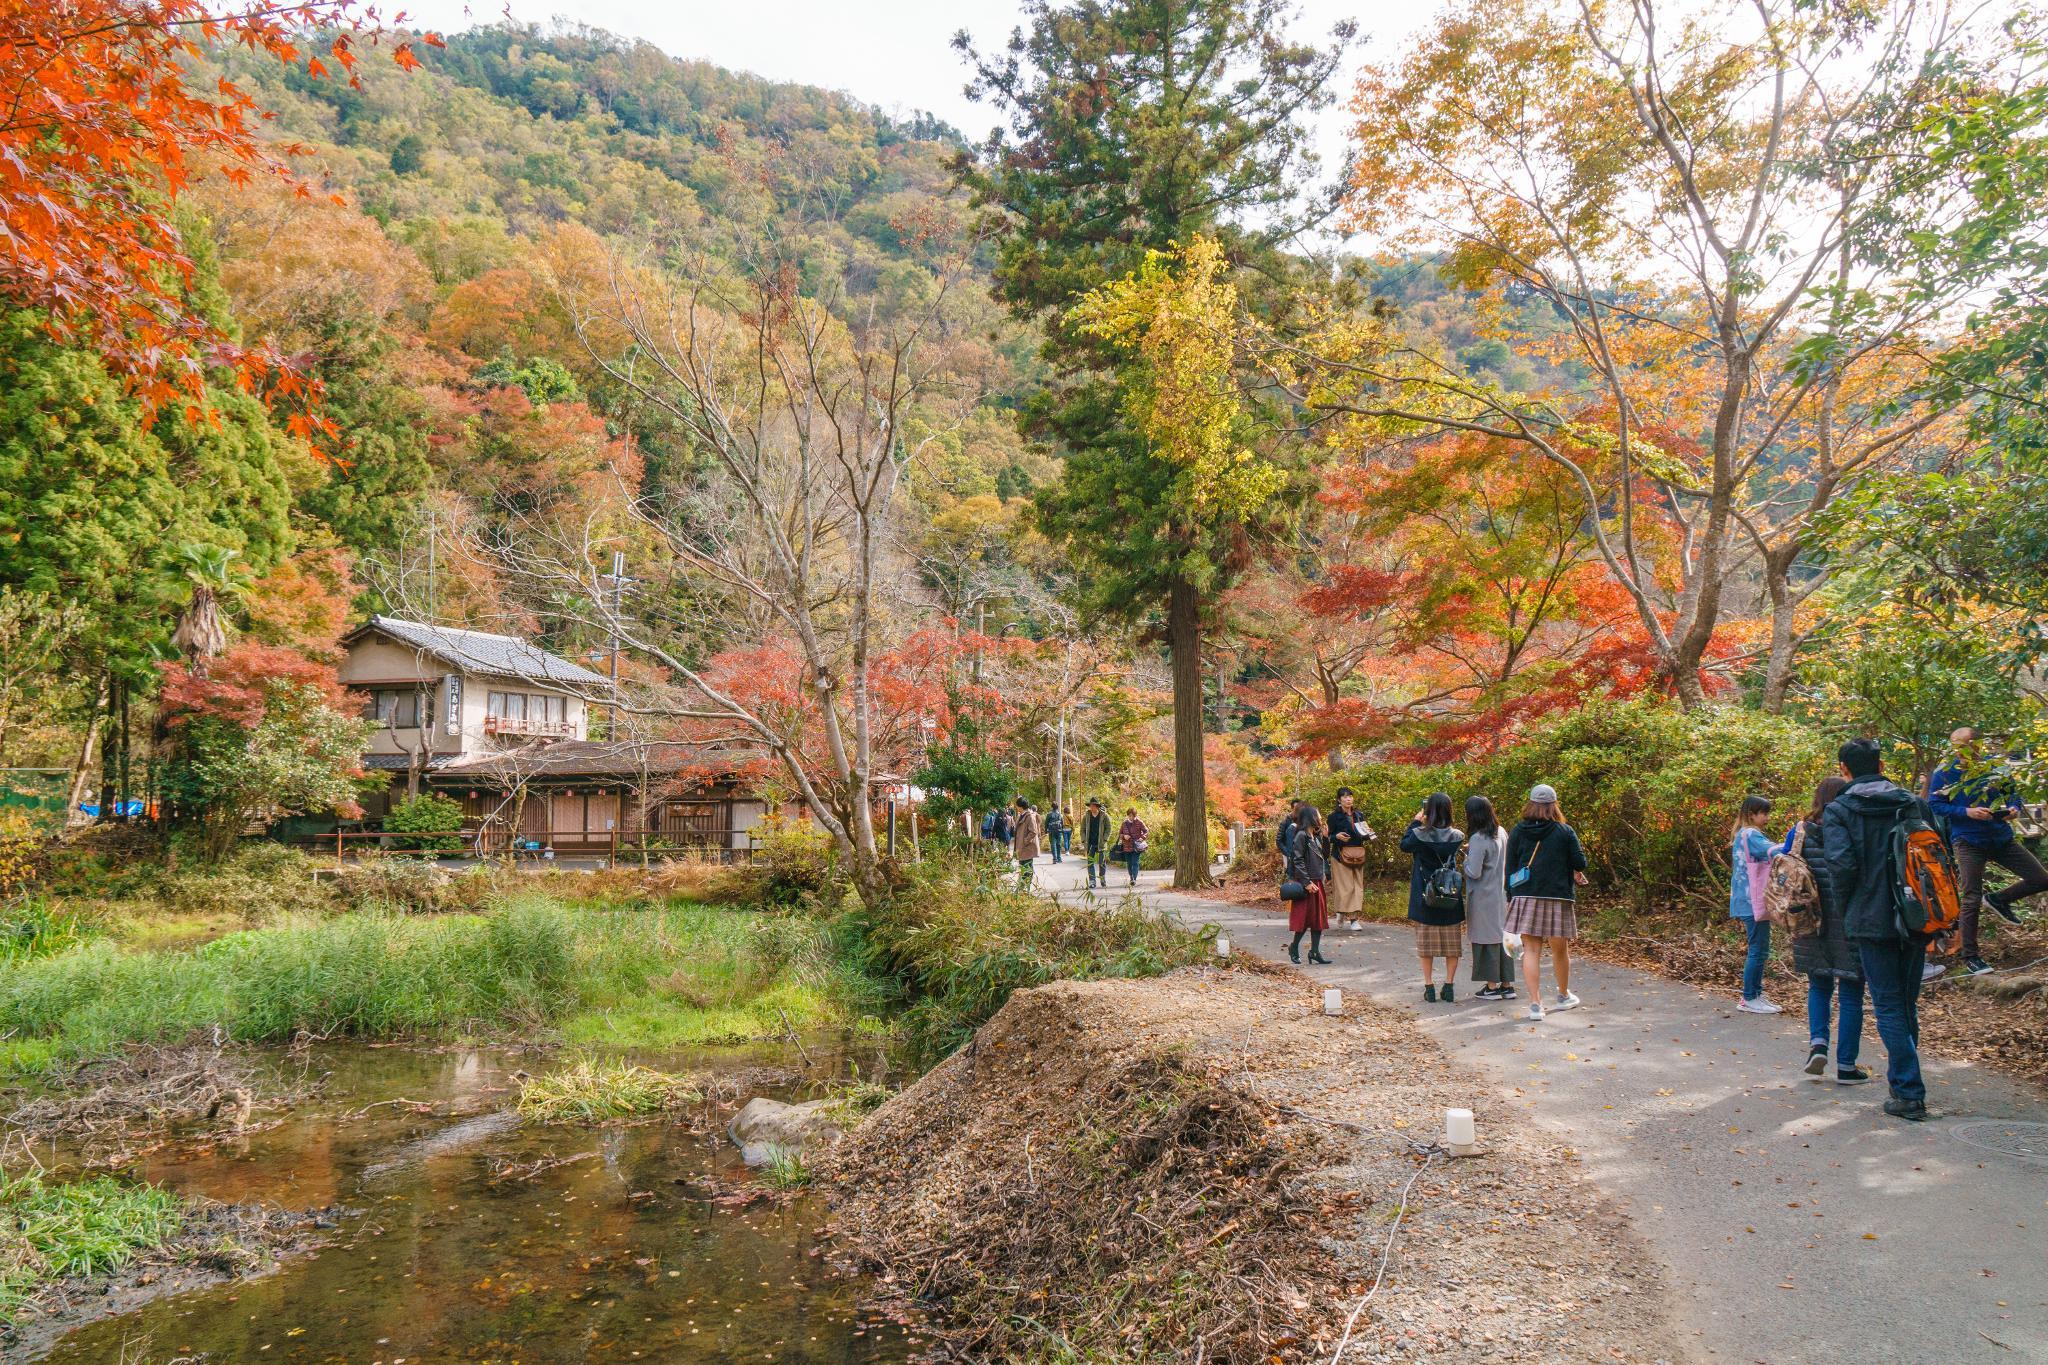 【京都】如夢似幻的琉璃光影 - 八瀨琉璃光院 76